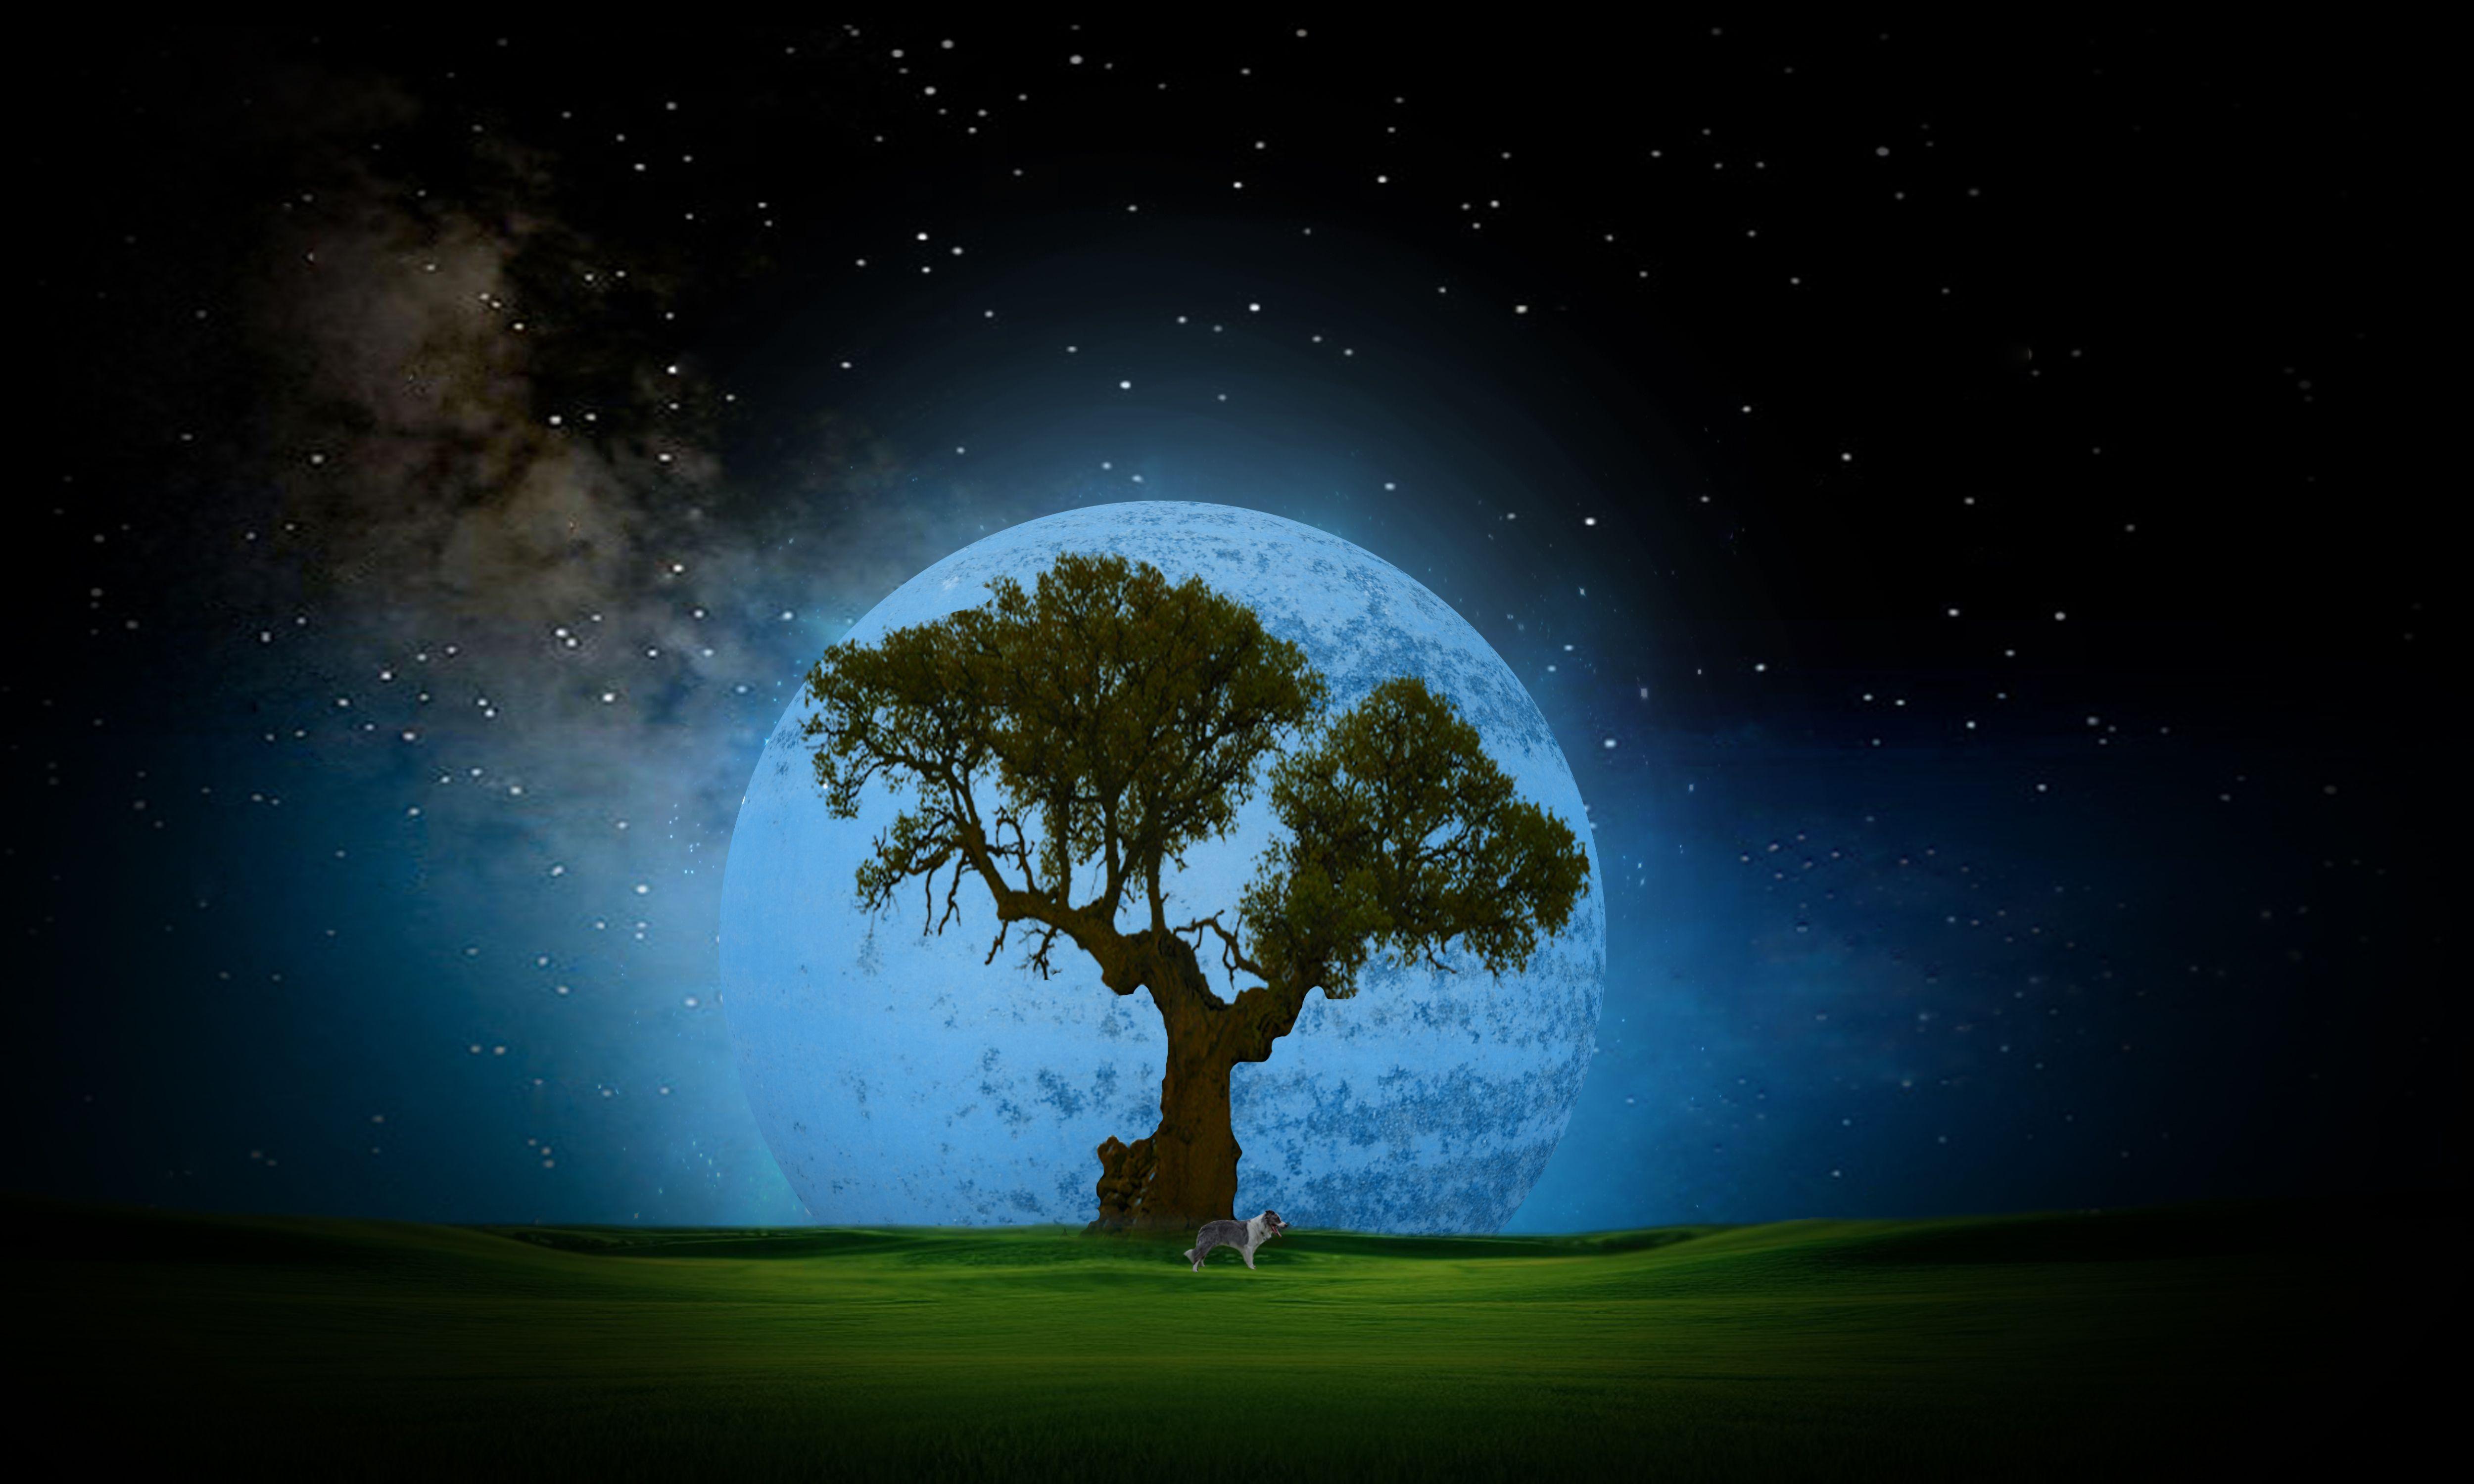 Tree Night Wallpaper Full HD #Xp5